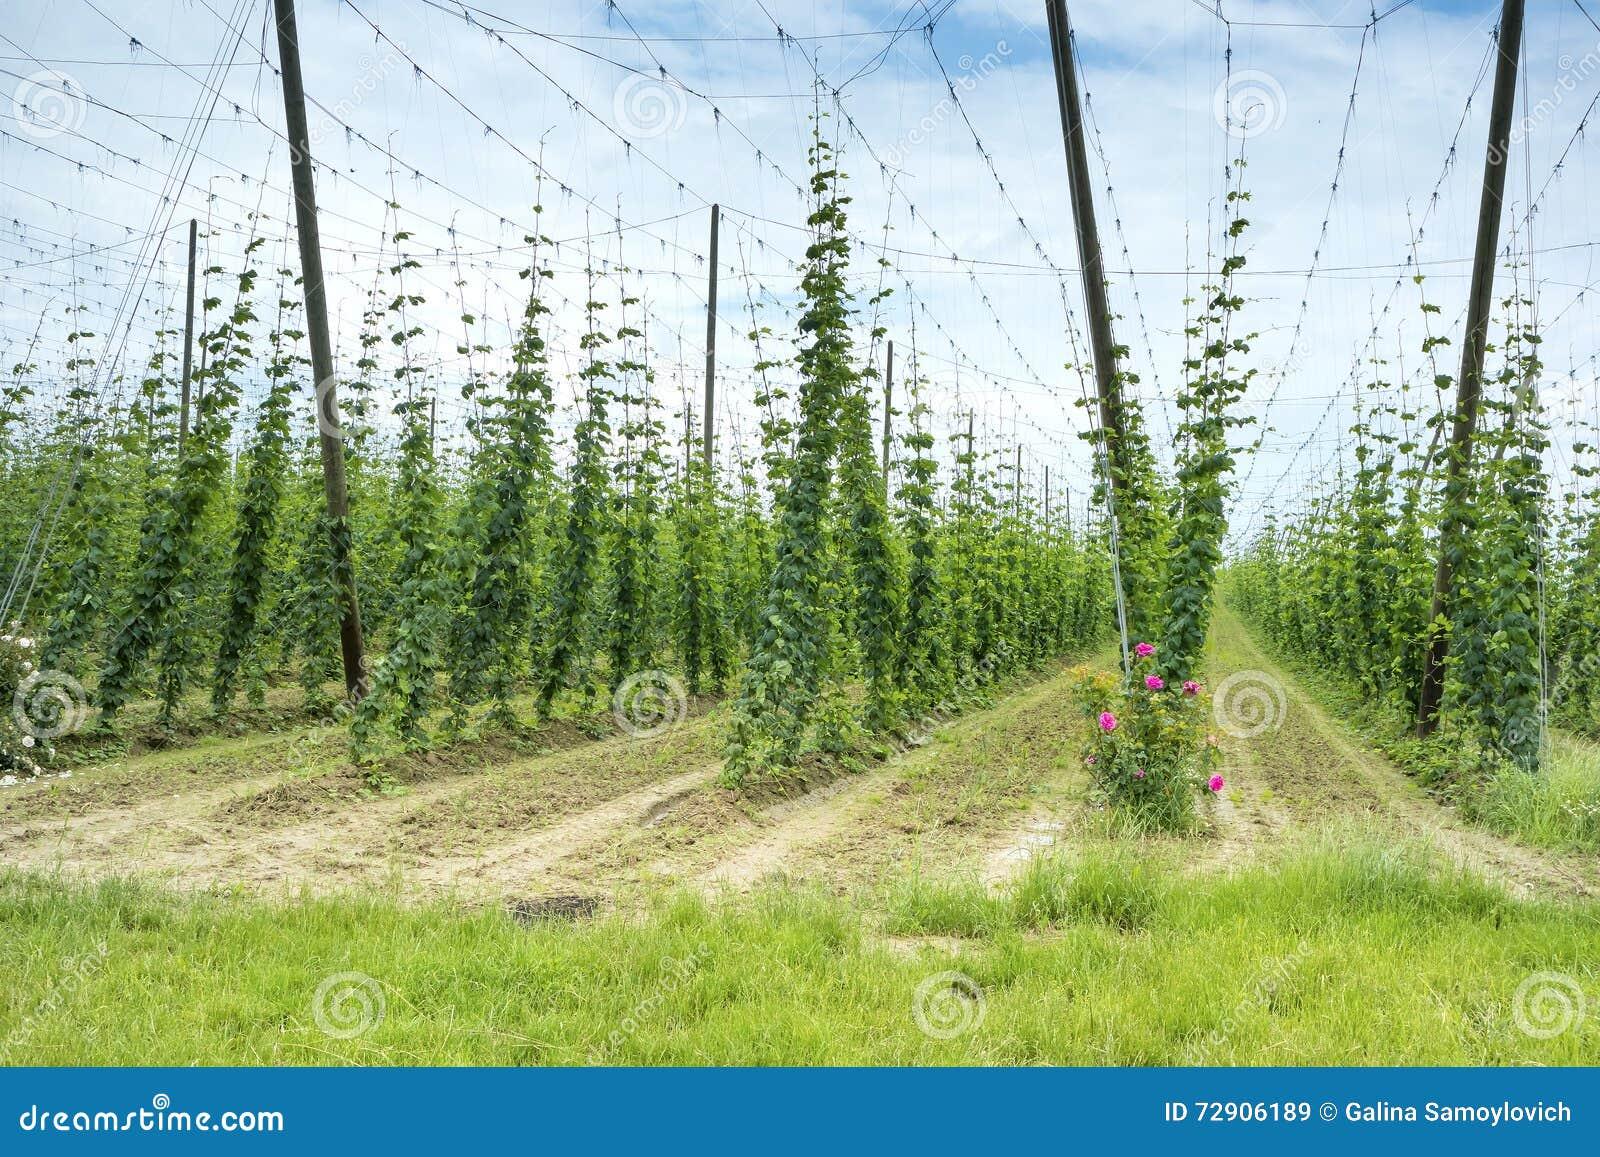 Hops Field in France.